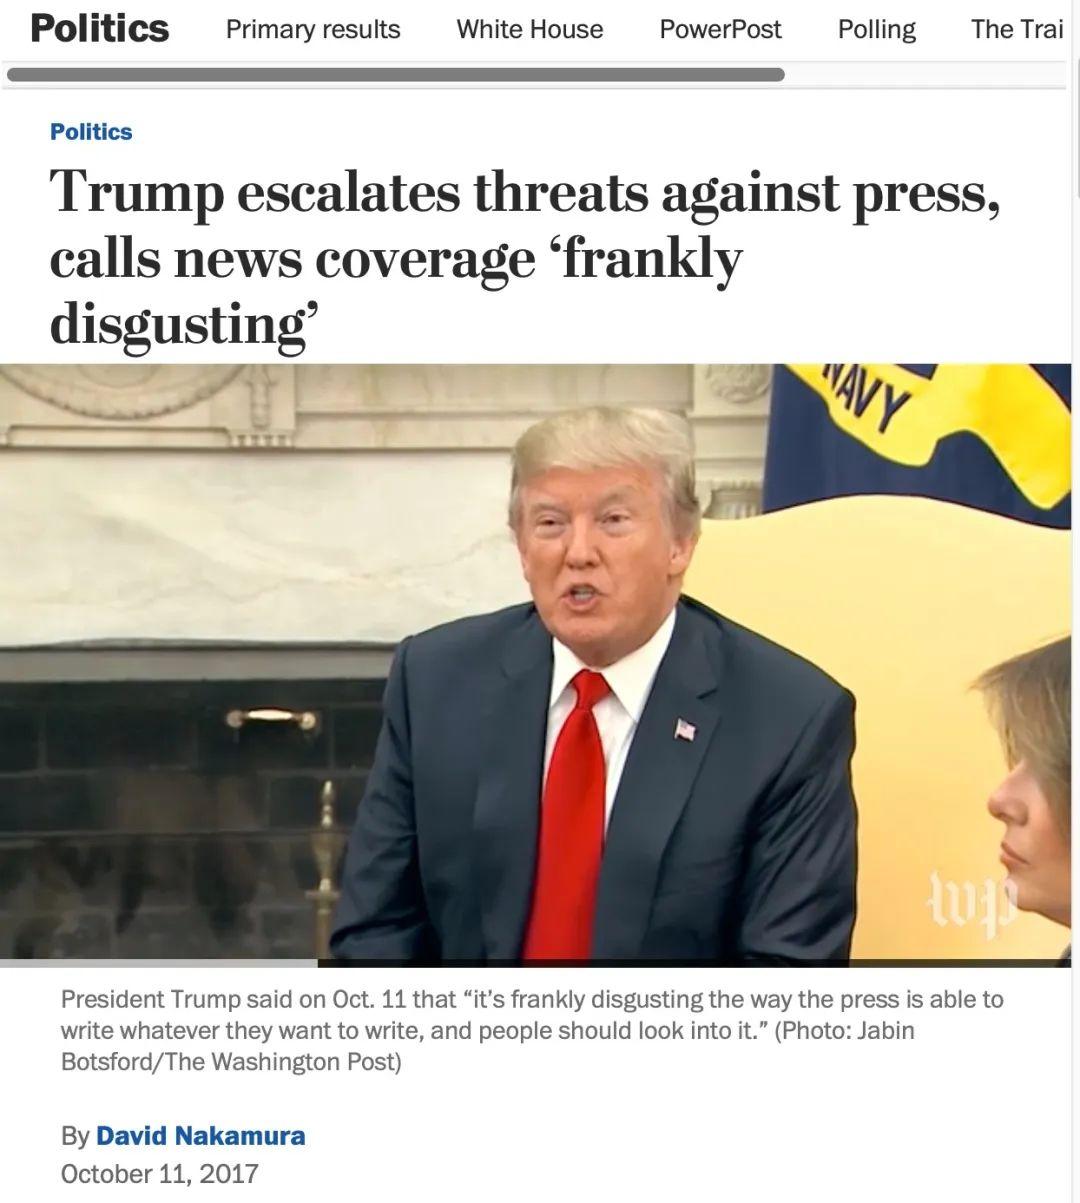 一场本来不该有的辩论——美国总统是否该受媒体指责?